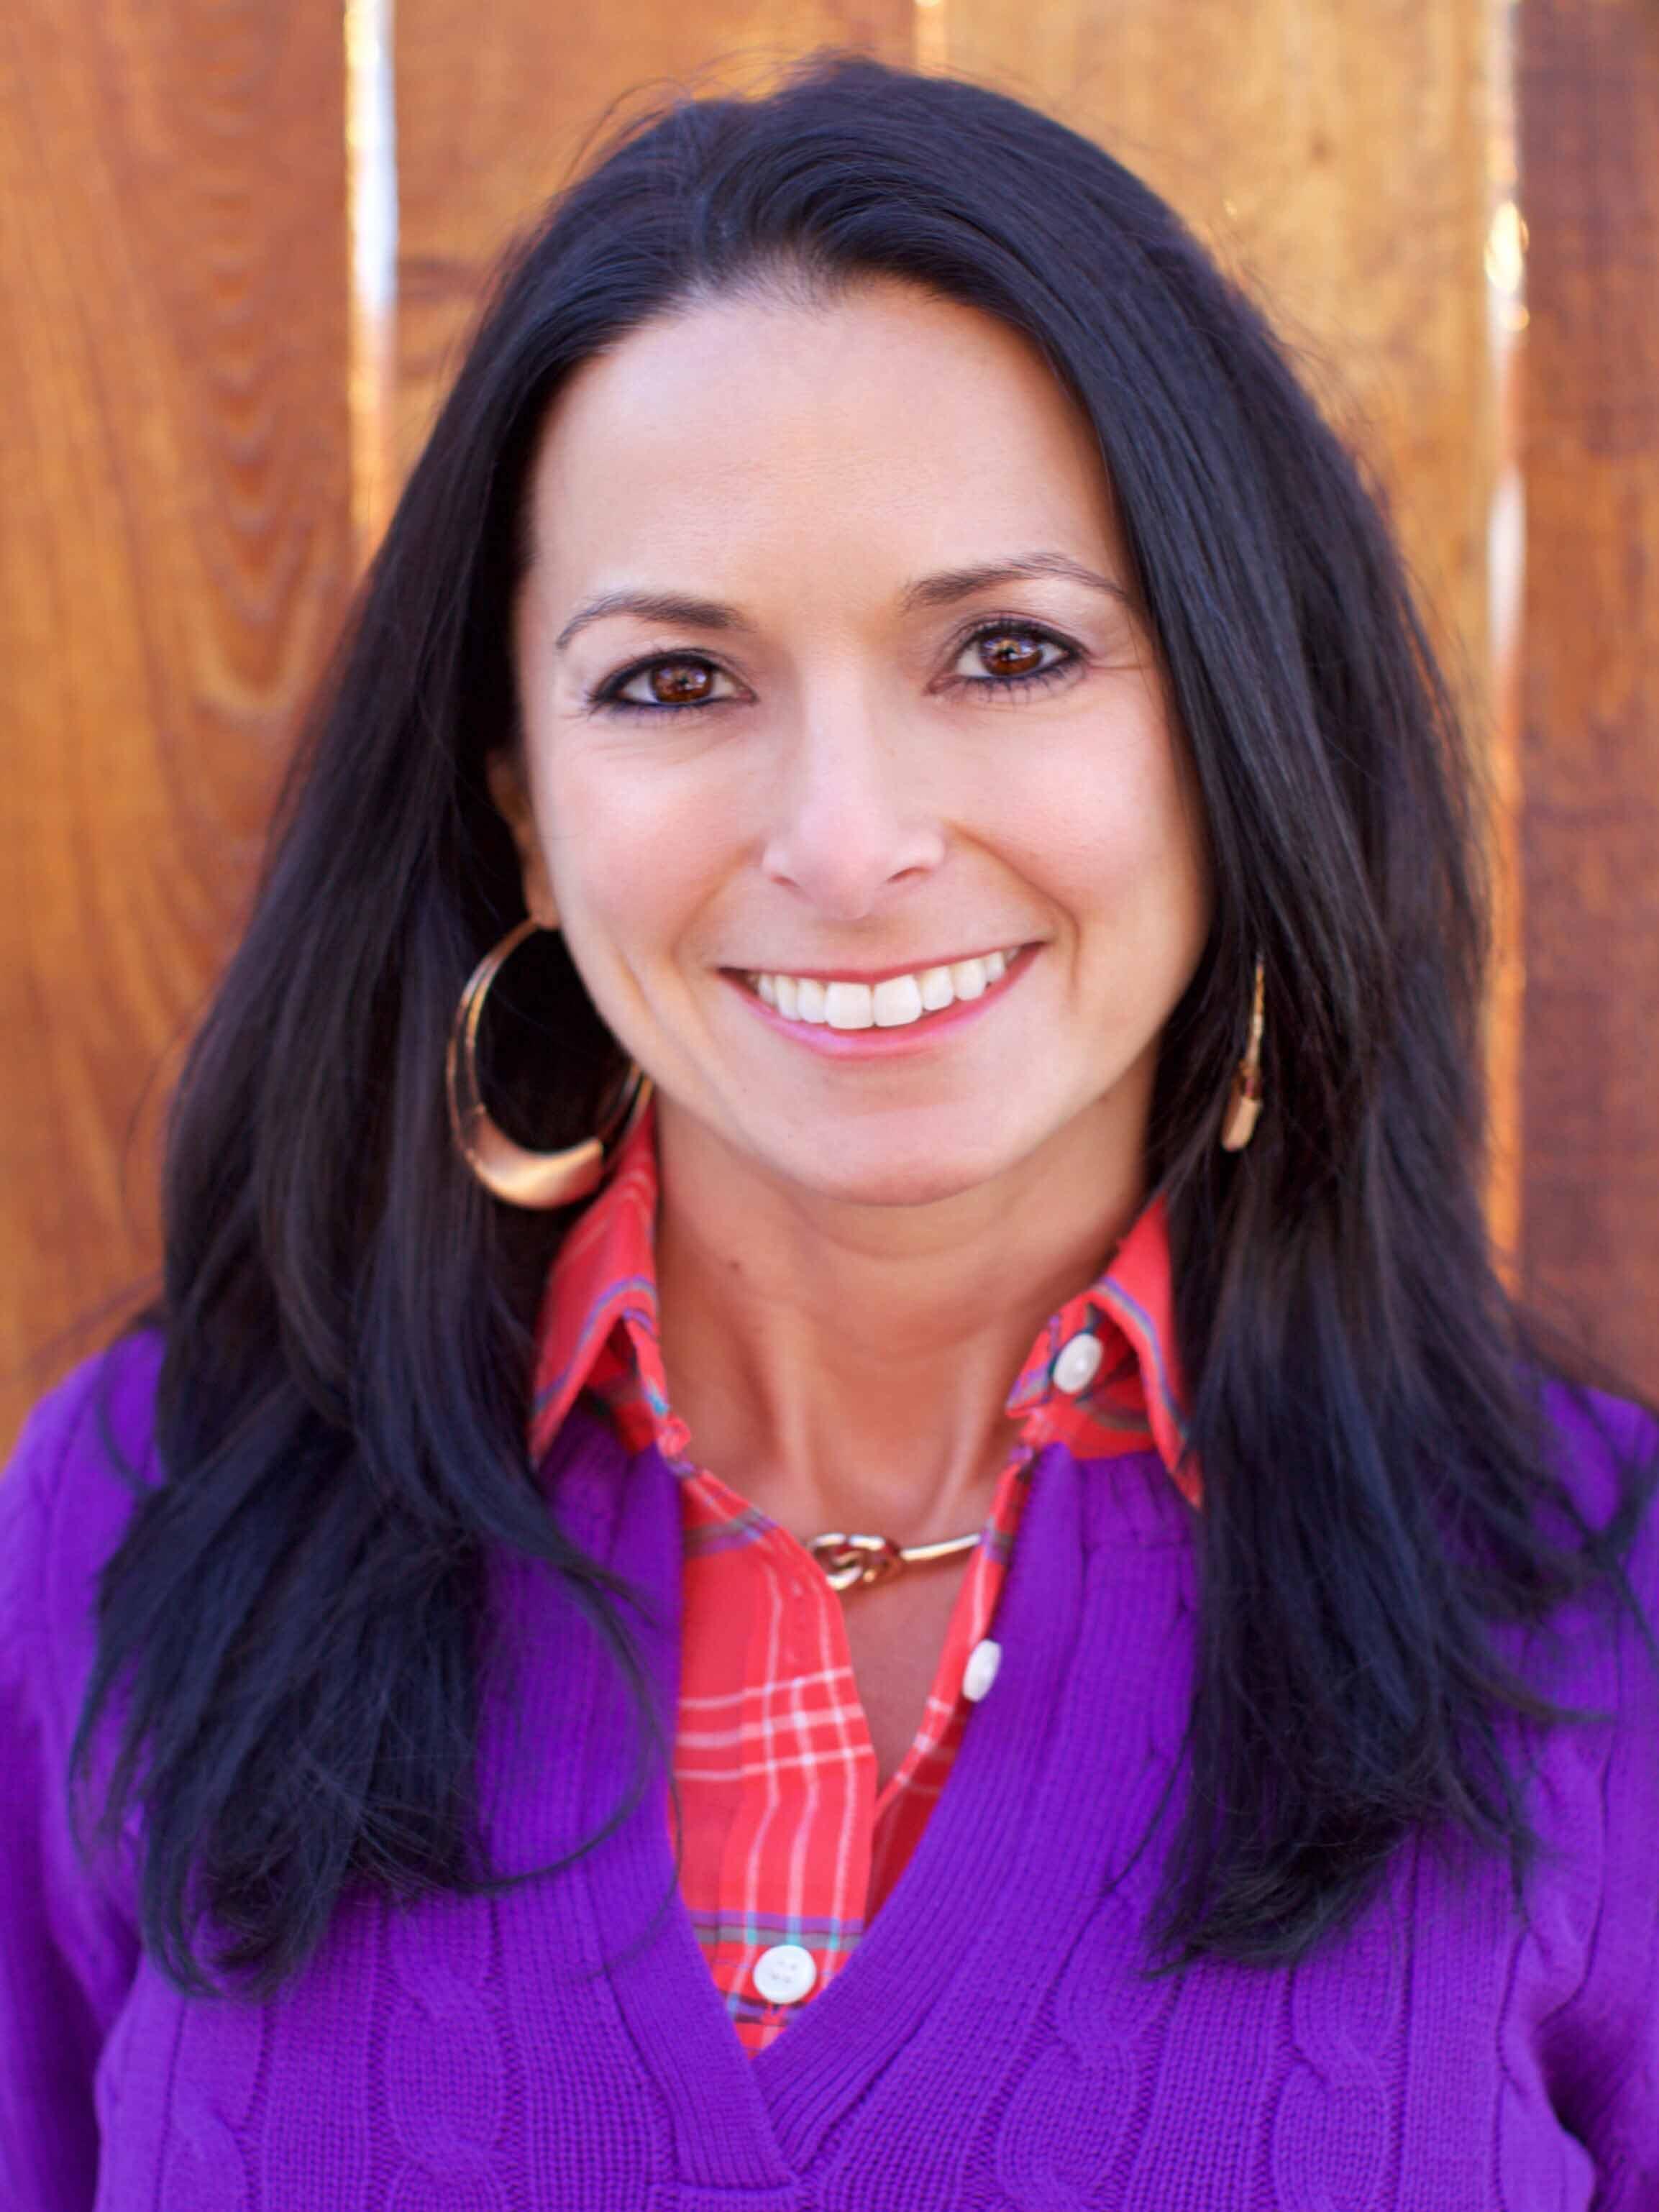 Michelle O'Brien photo